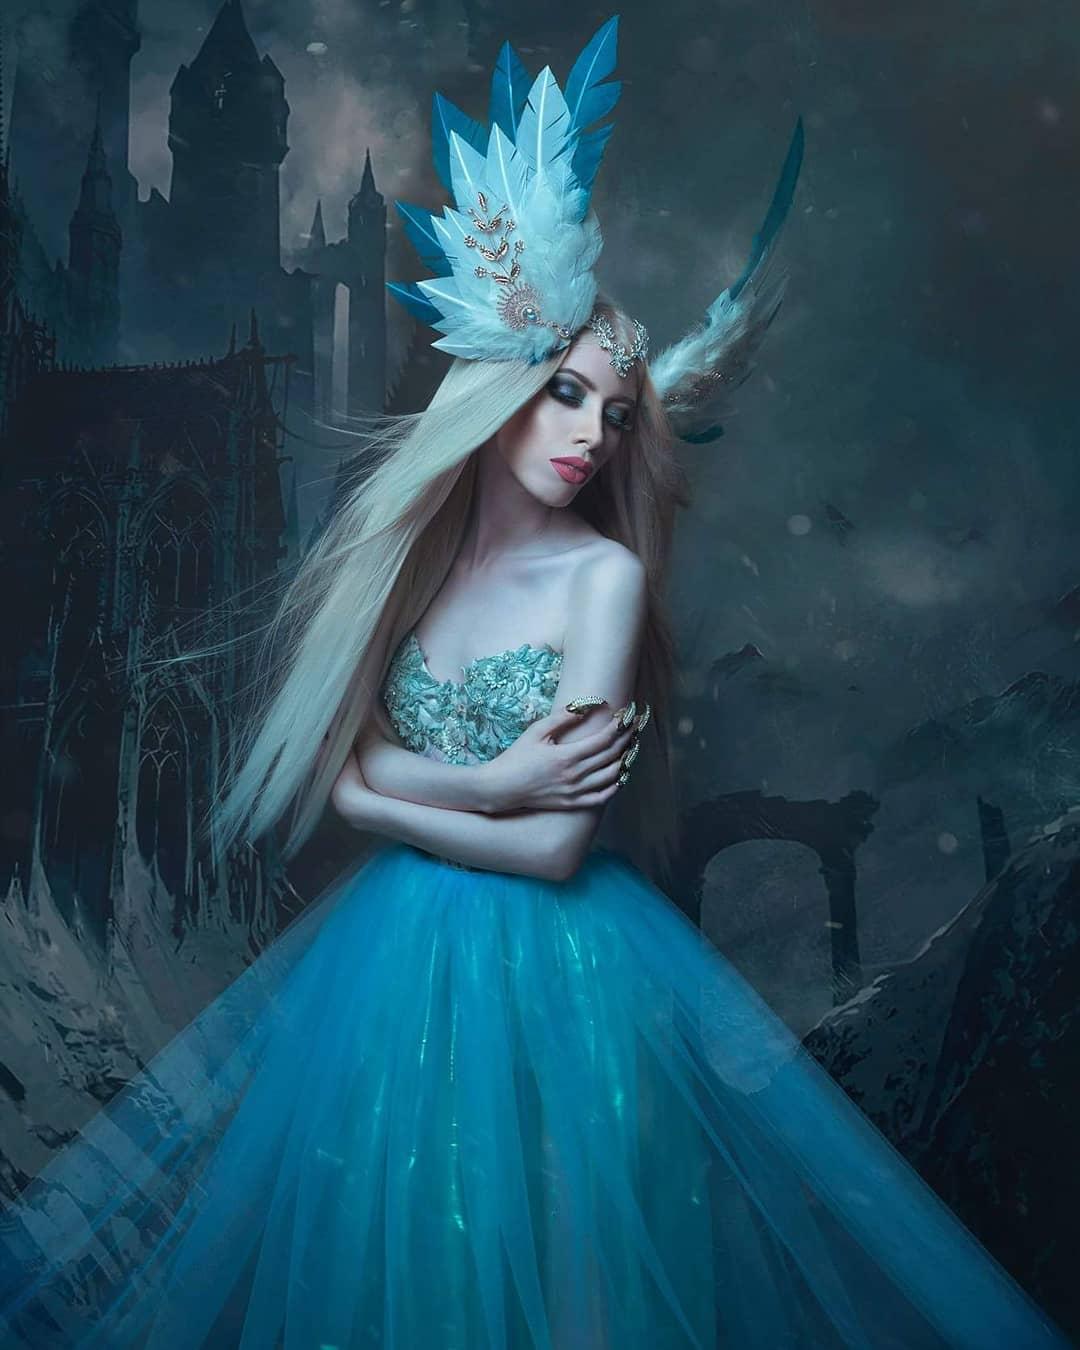 modelo de fantasía